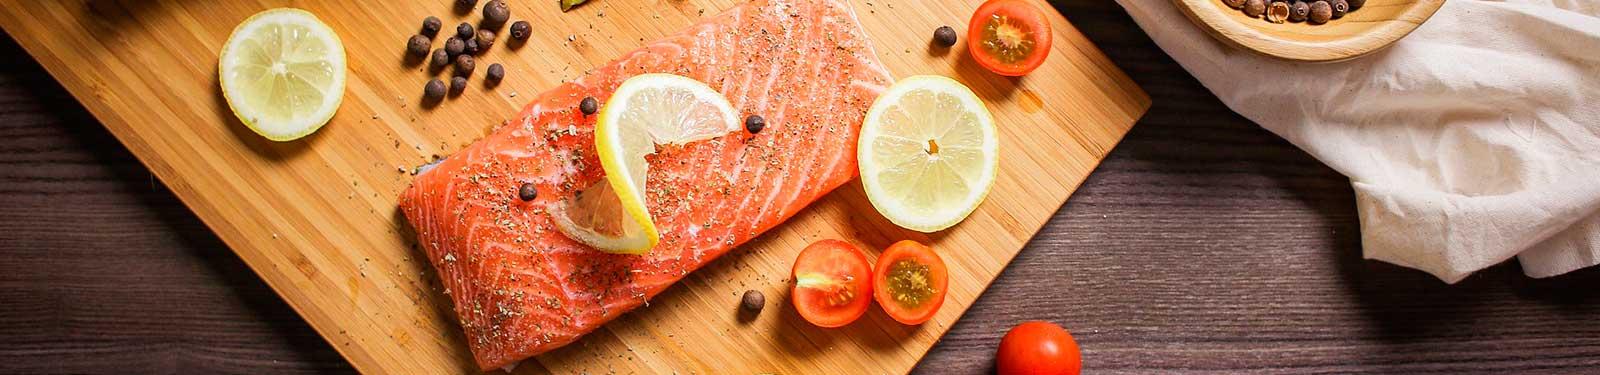 comida en la dieta paleo